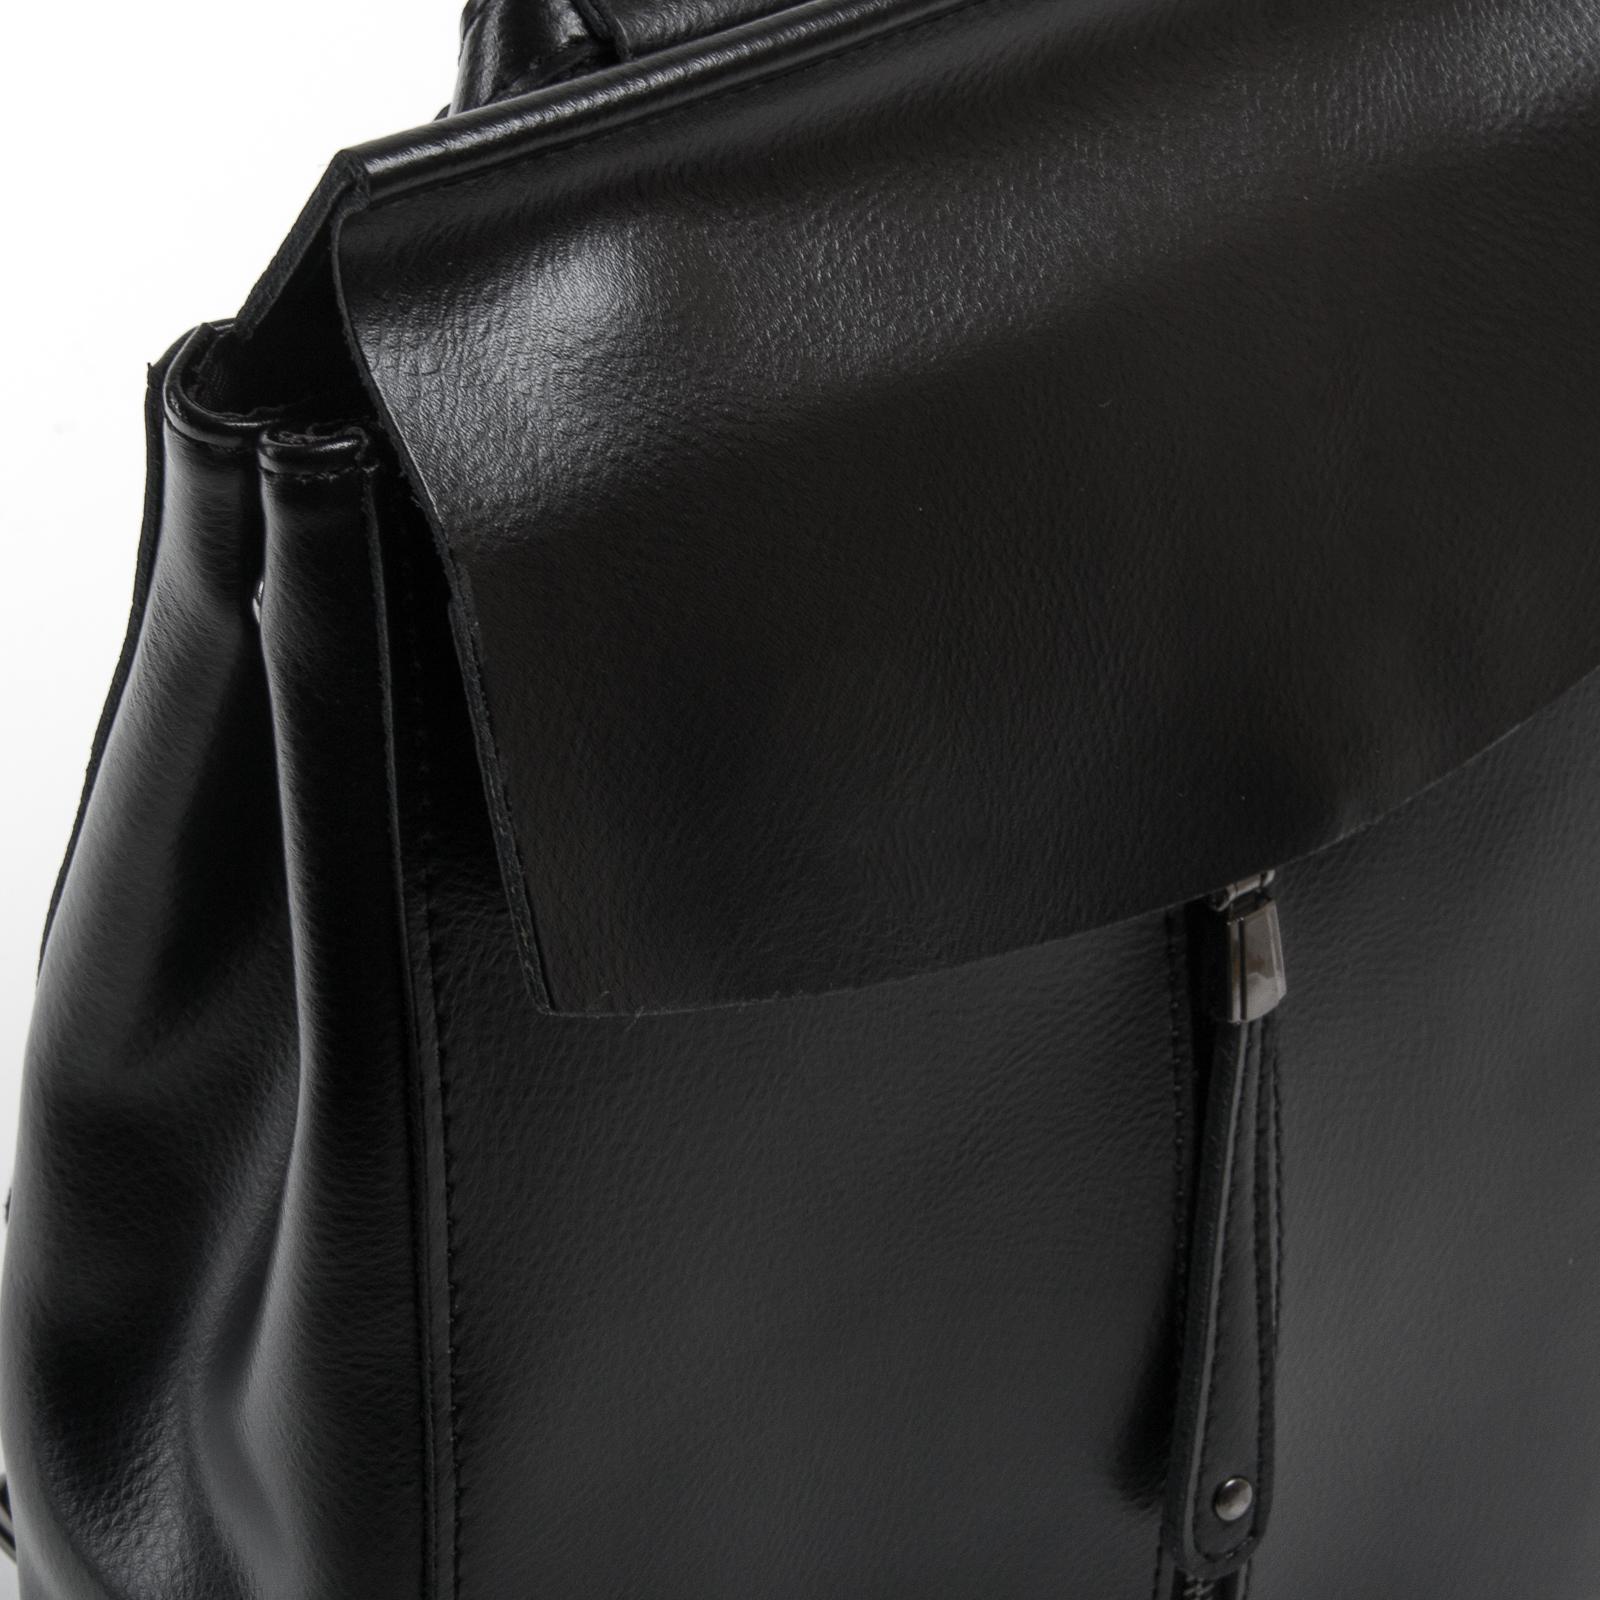 Сумка Женская Классическая кожа ALEX RAI 05-01 3206 black - фото 3